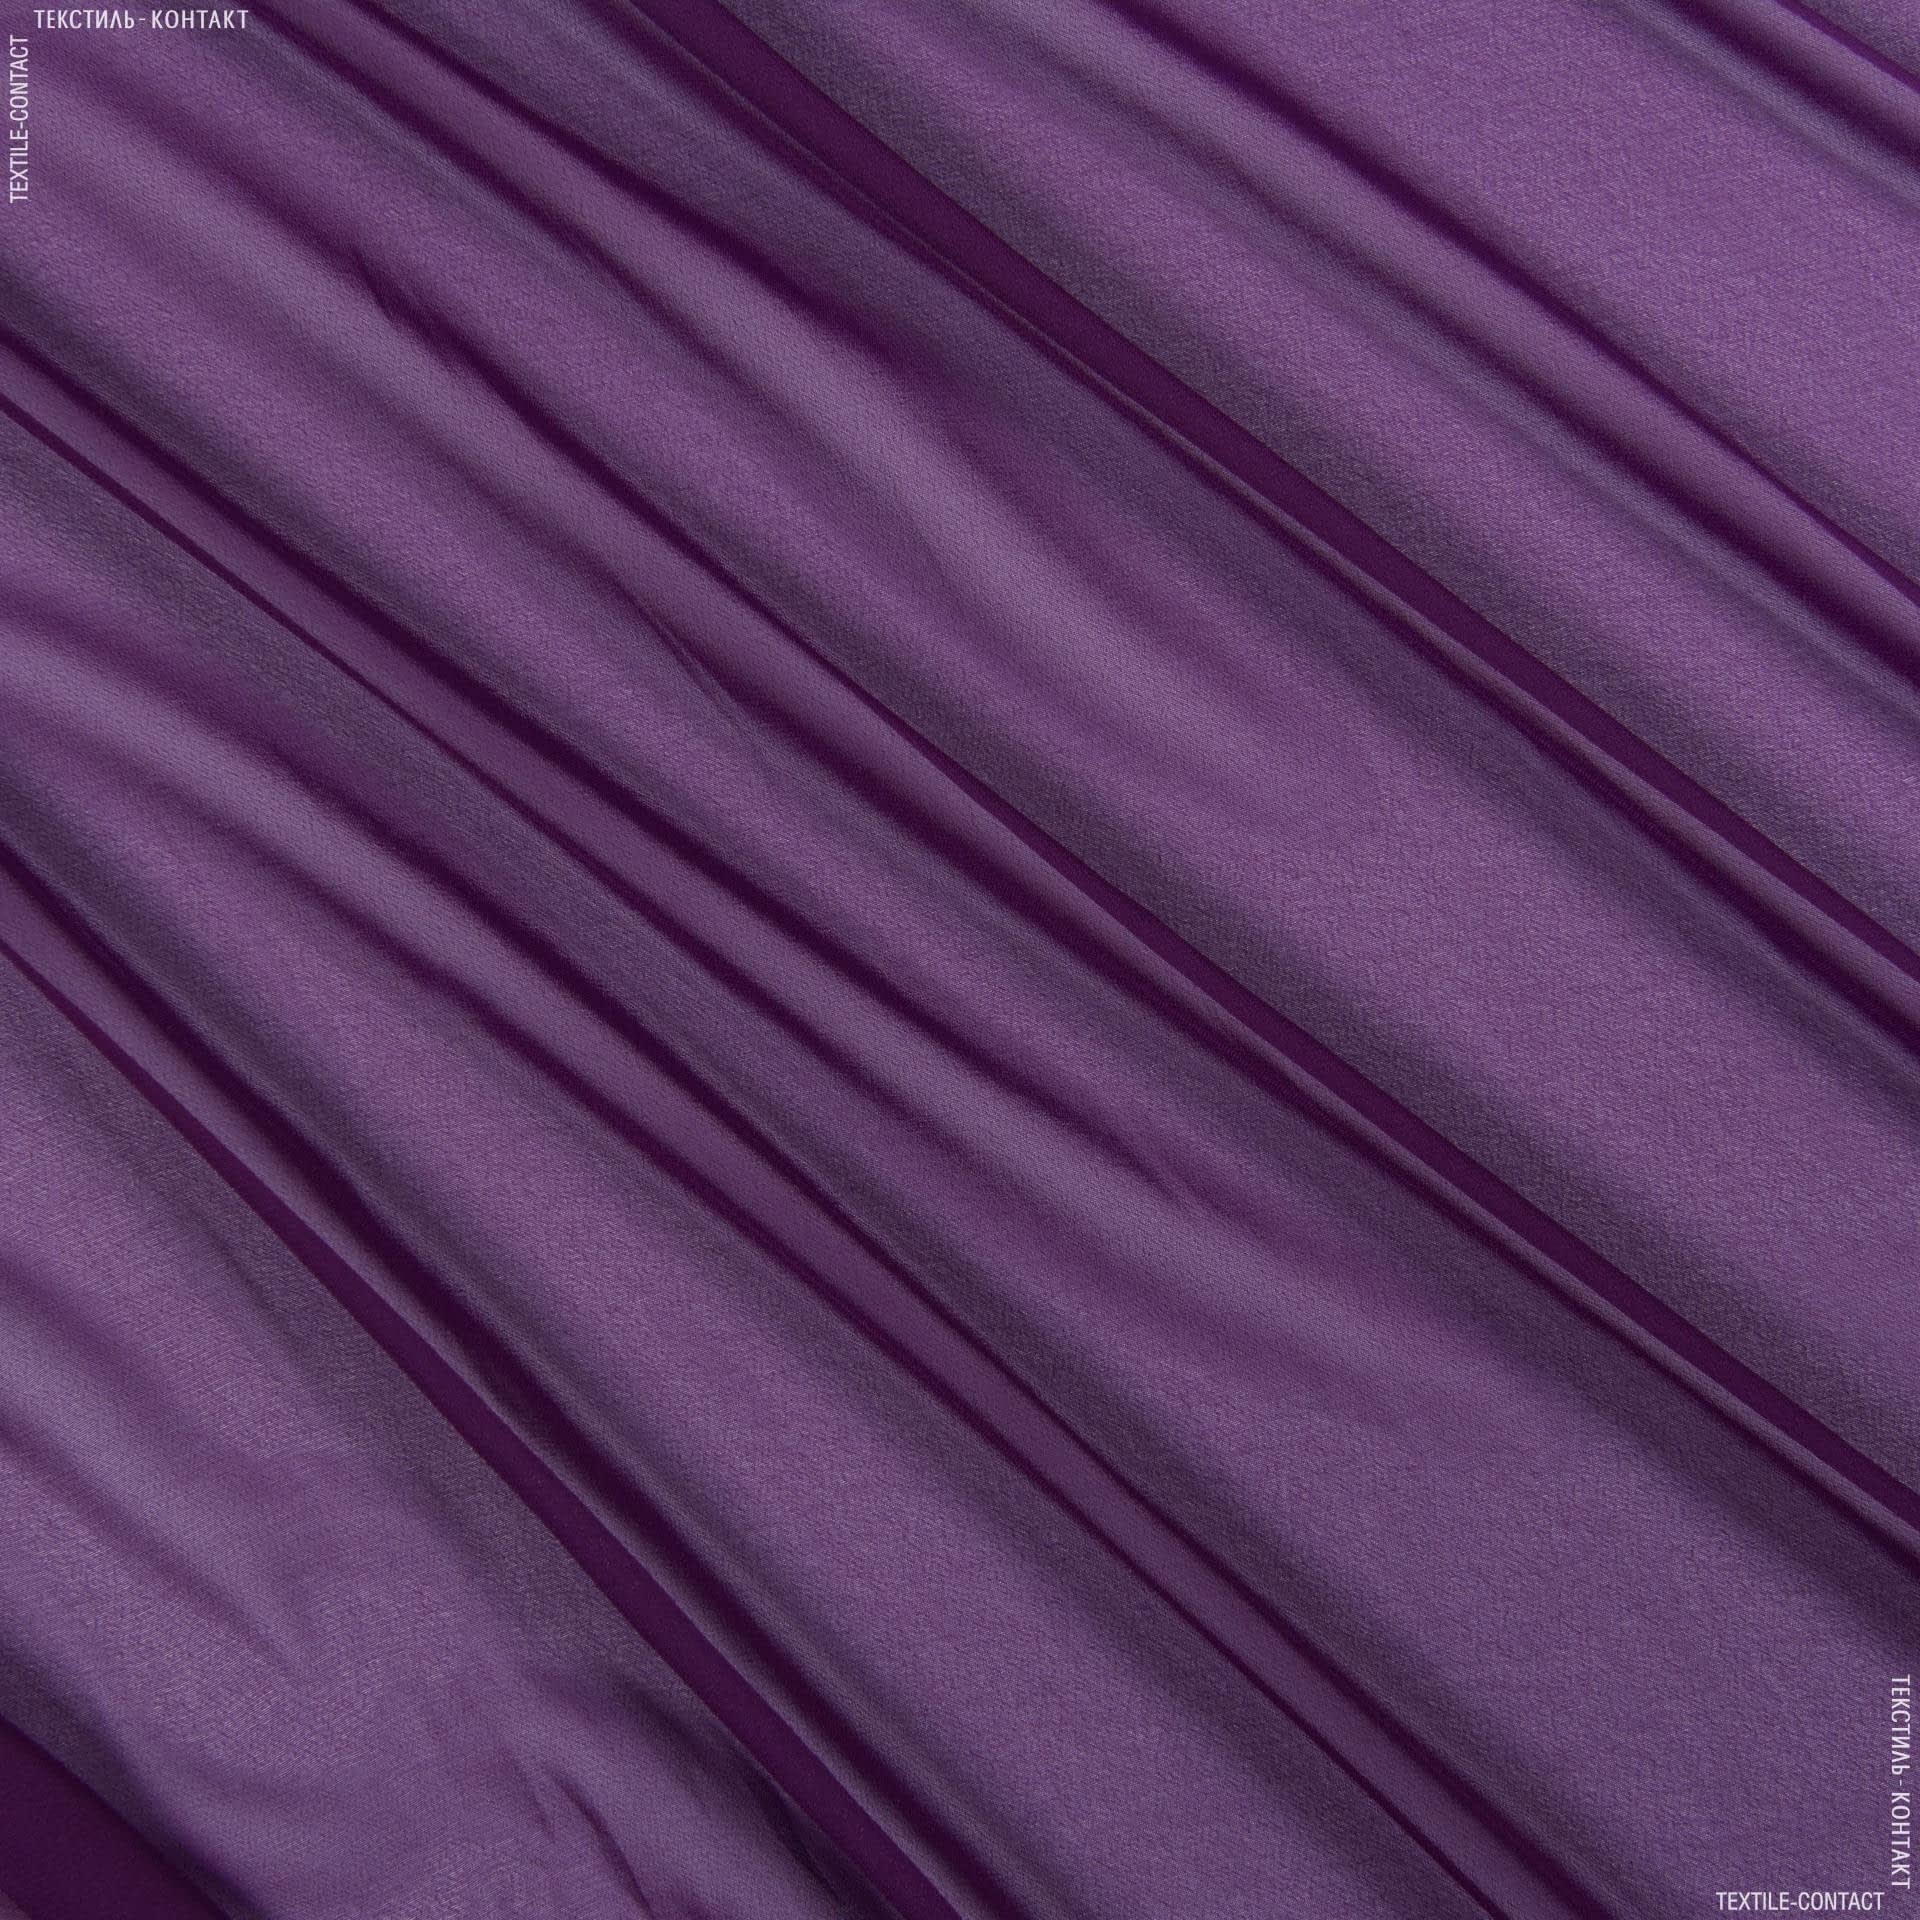 Ткани для платков и бандан - Шифон мульти фиолетовый